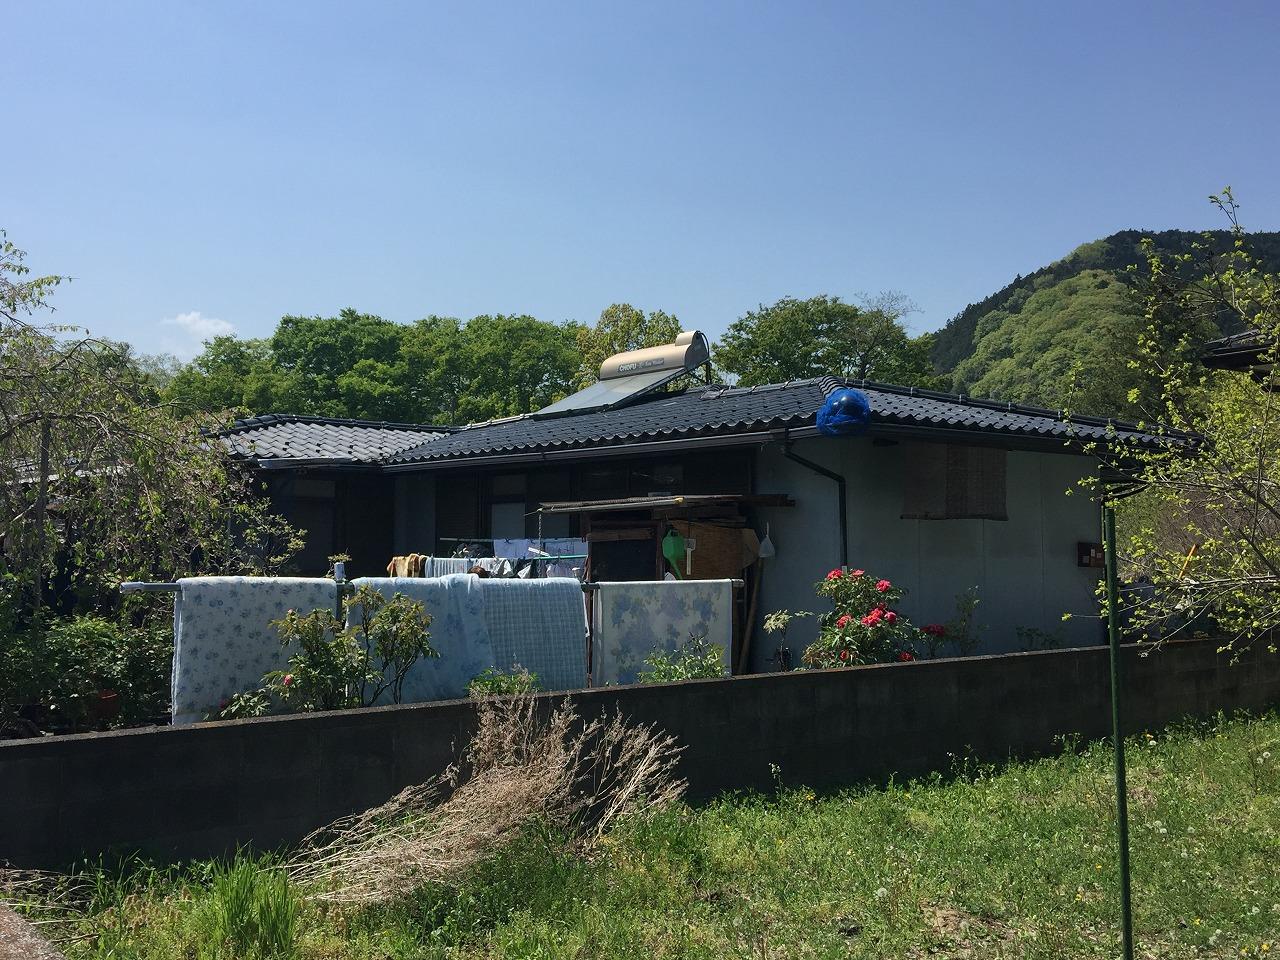 埼玉県鴻巣市で屋根瓦の不具合ご相談